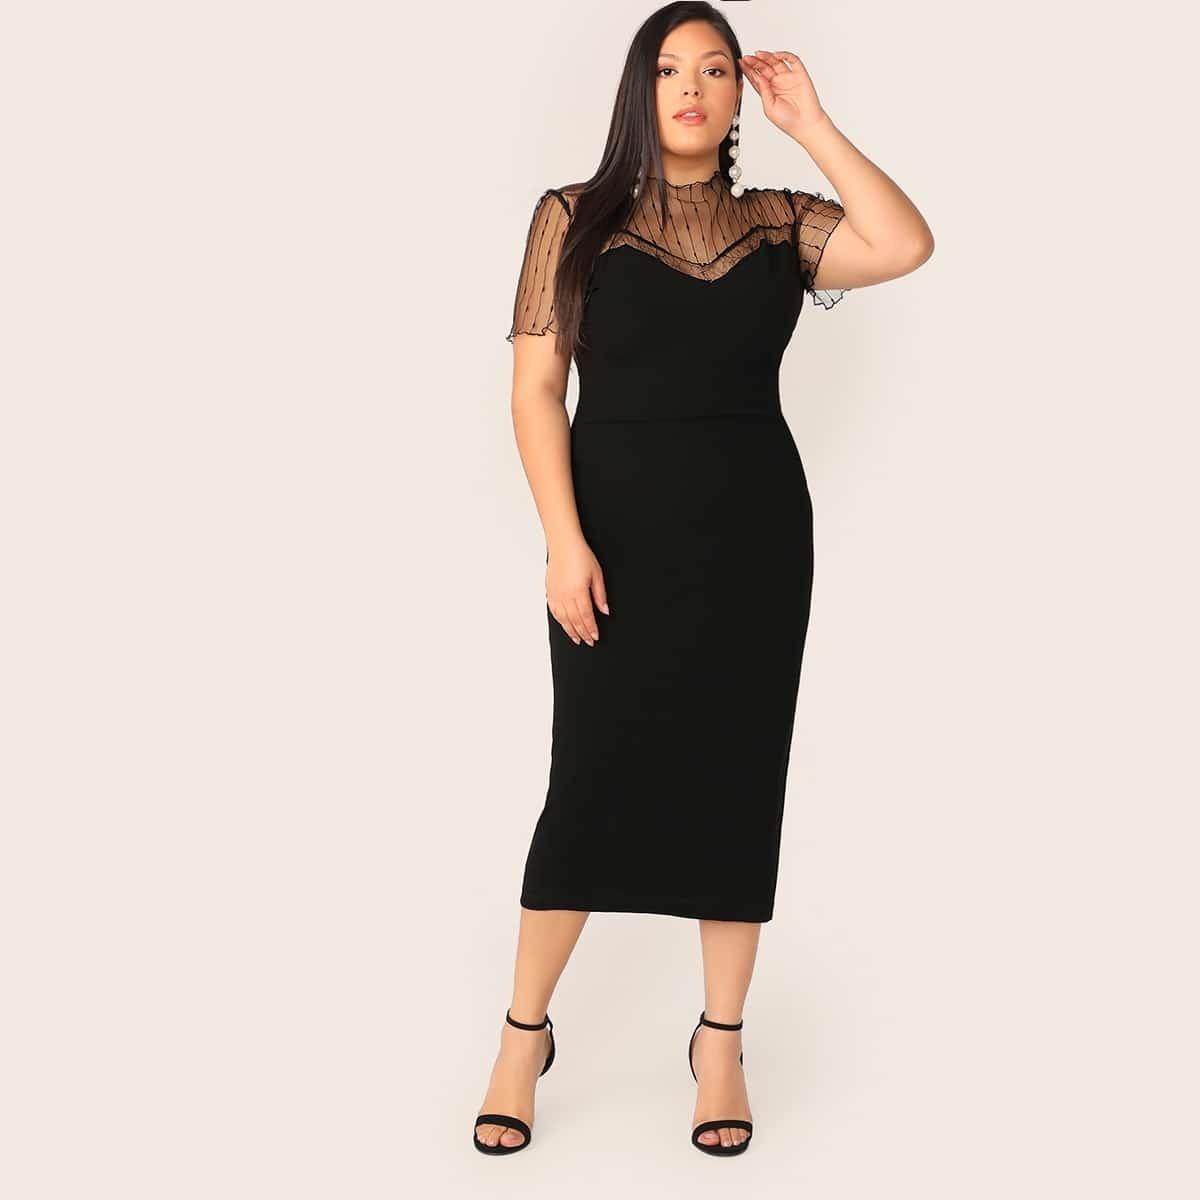 Zwart Feest Vlak Grote maten jurken Contrast mesh